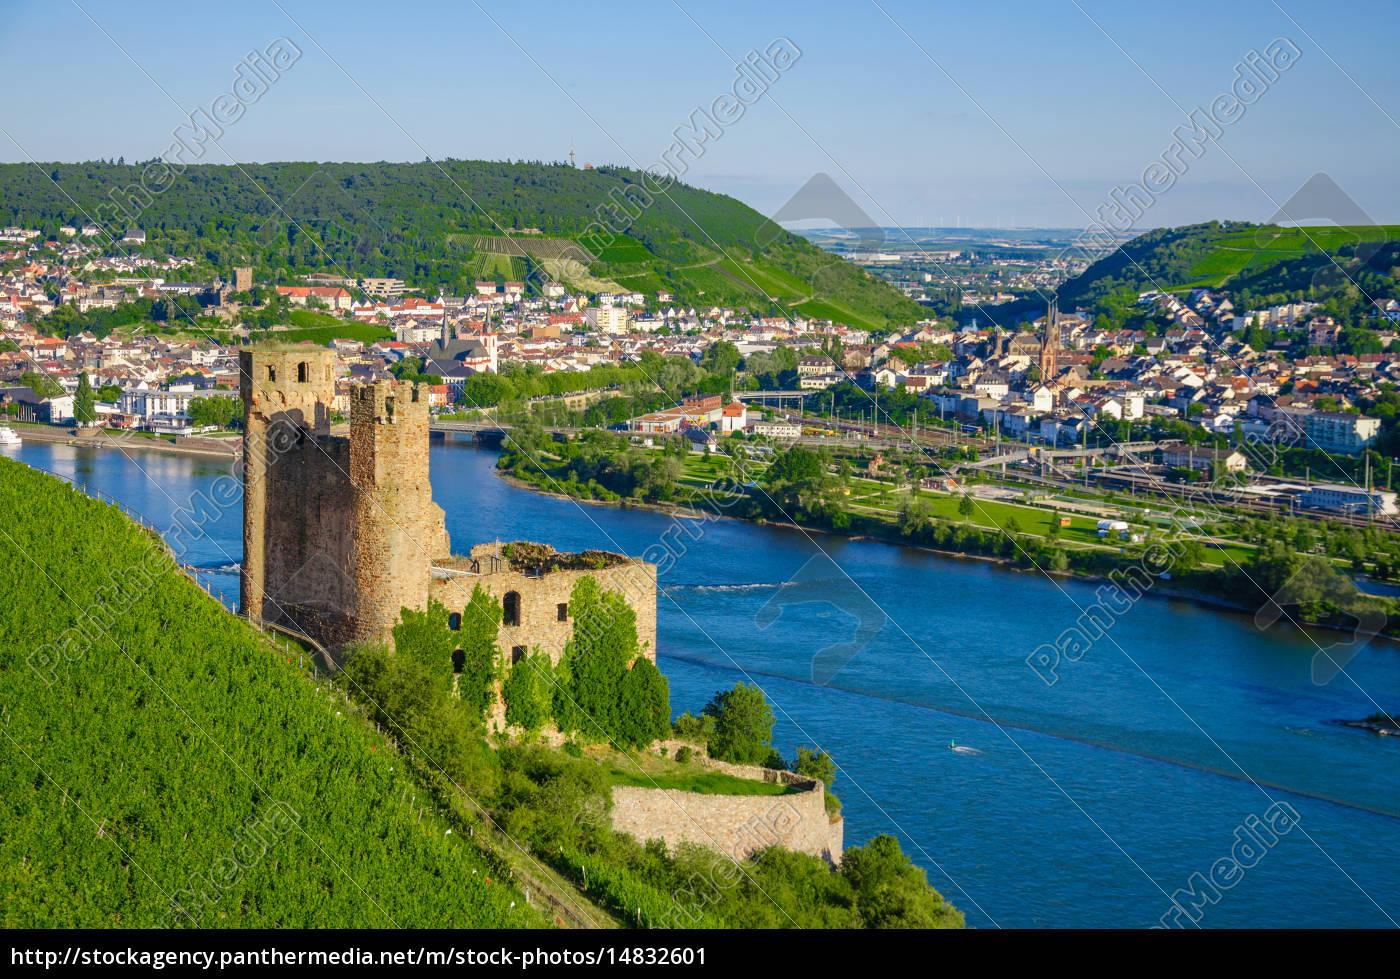 ehrenfels, castle, on, rhine, river, near - 14832601